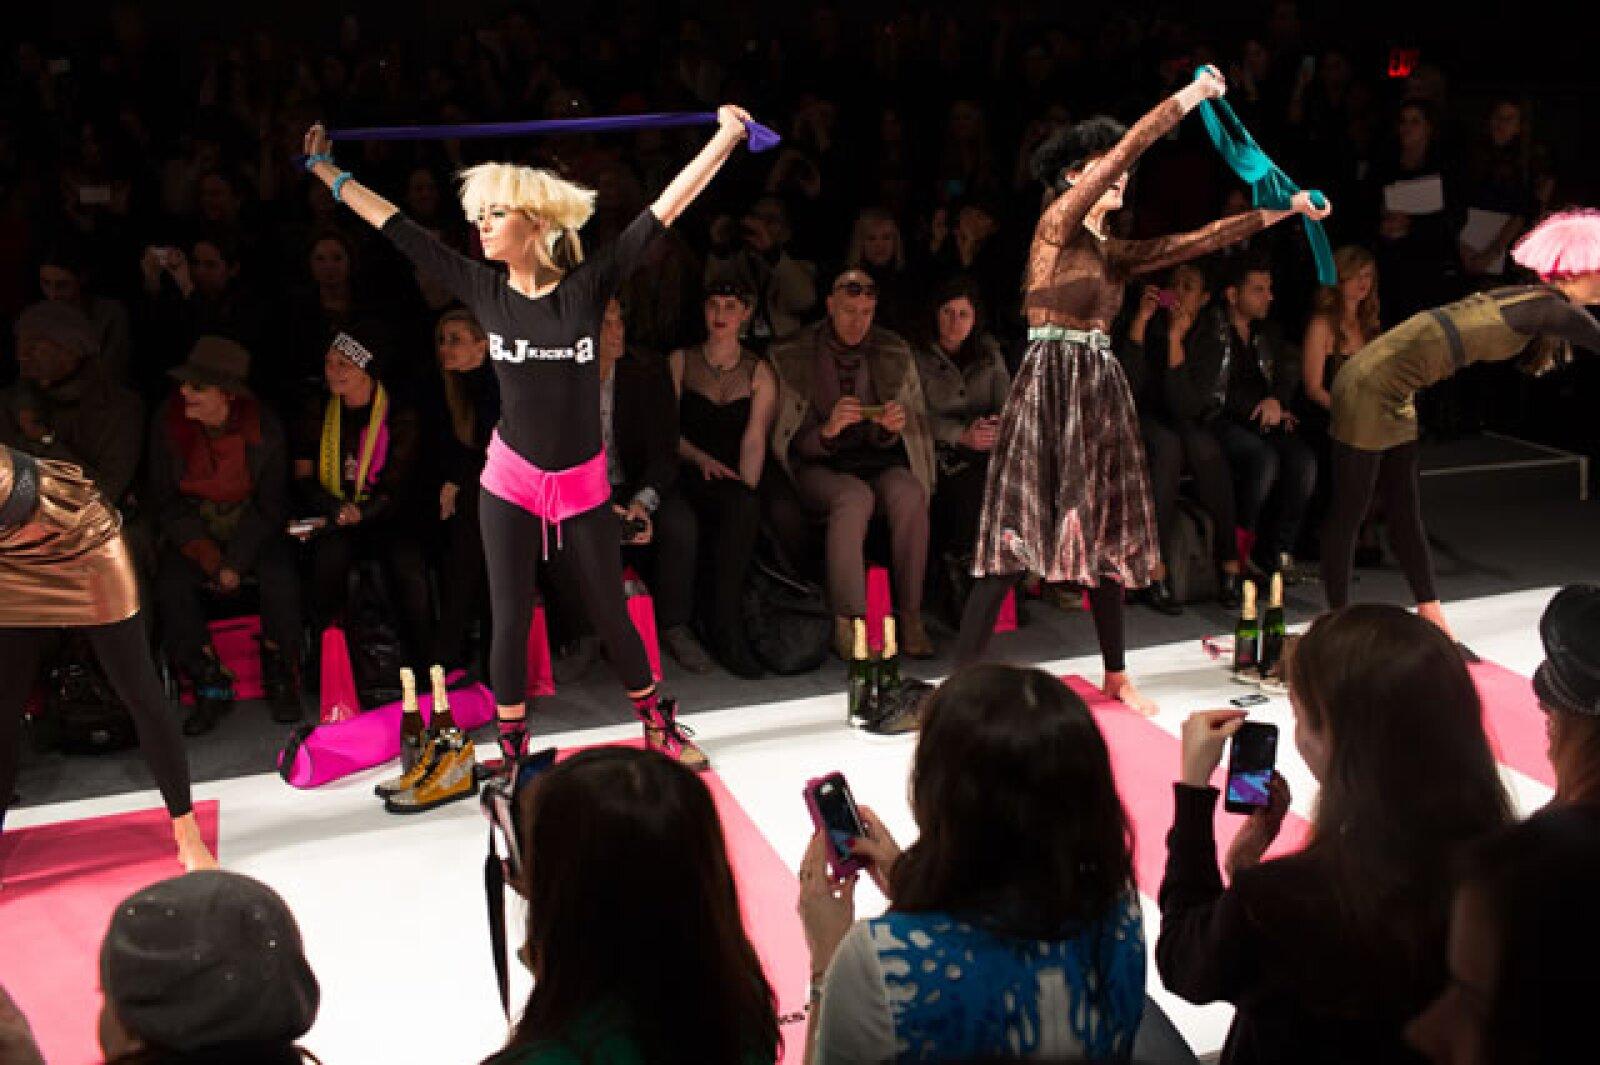 La gama fue creada en colaboración con su hija Lulu Johnson.